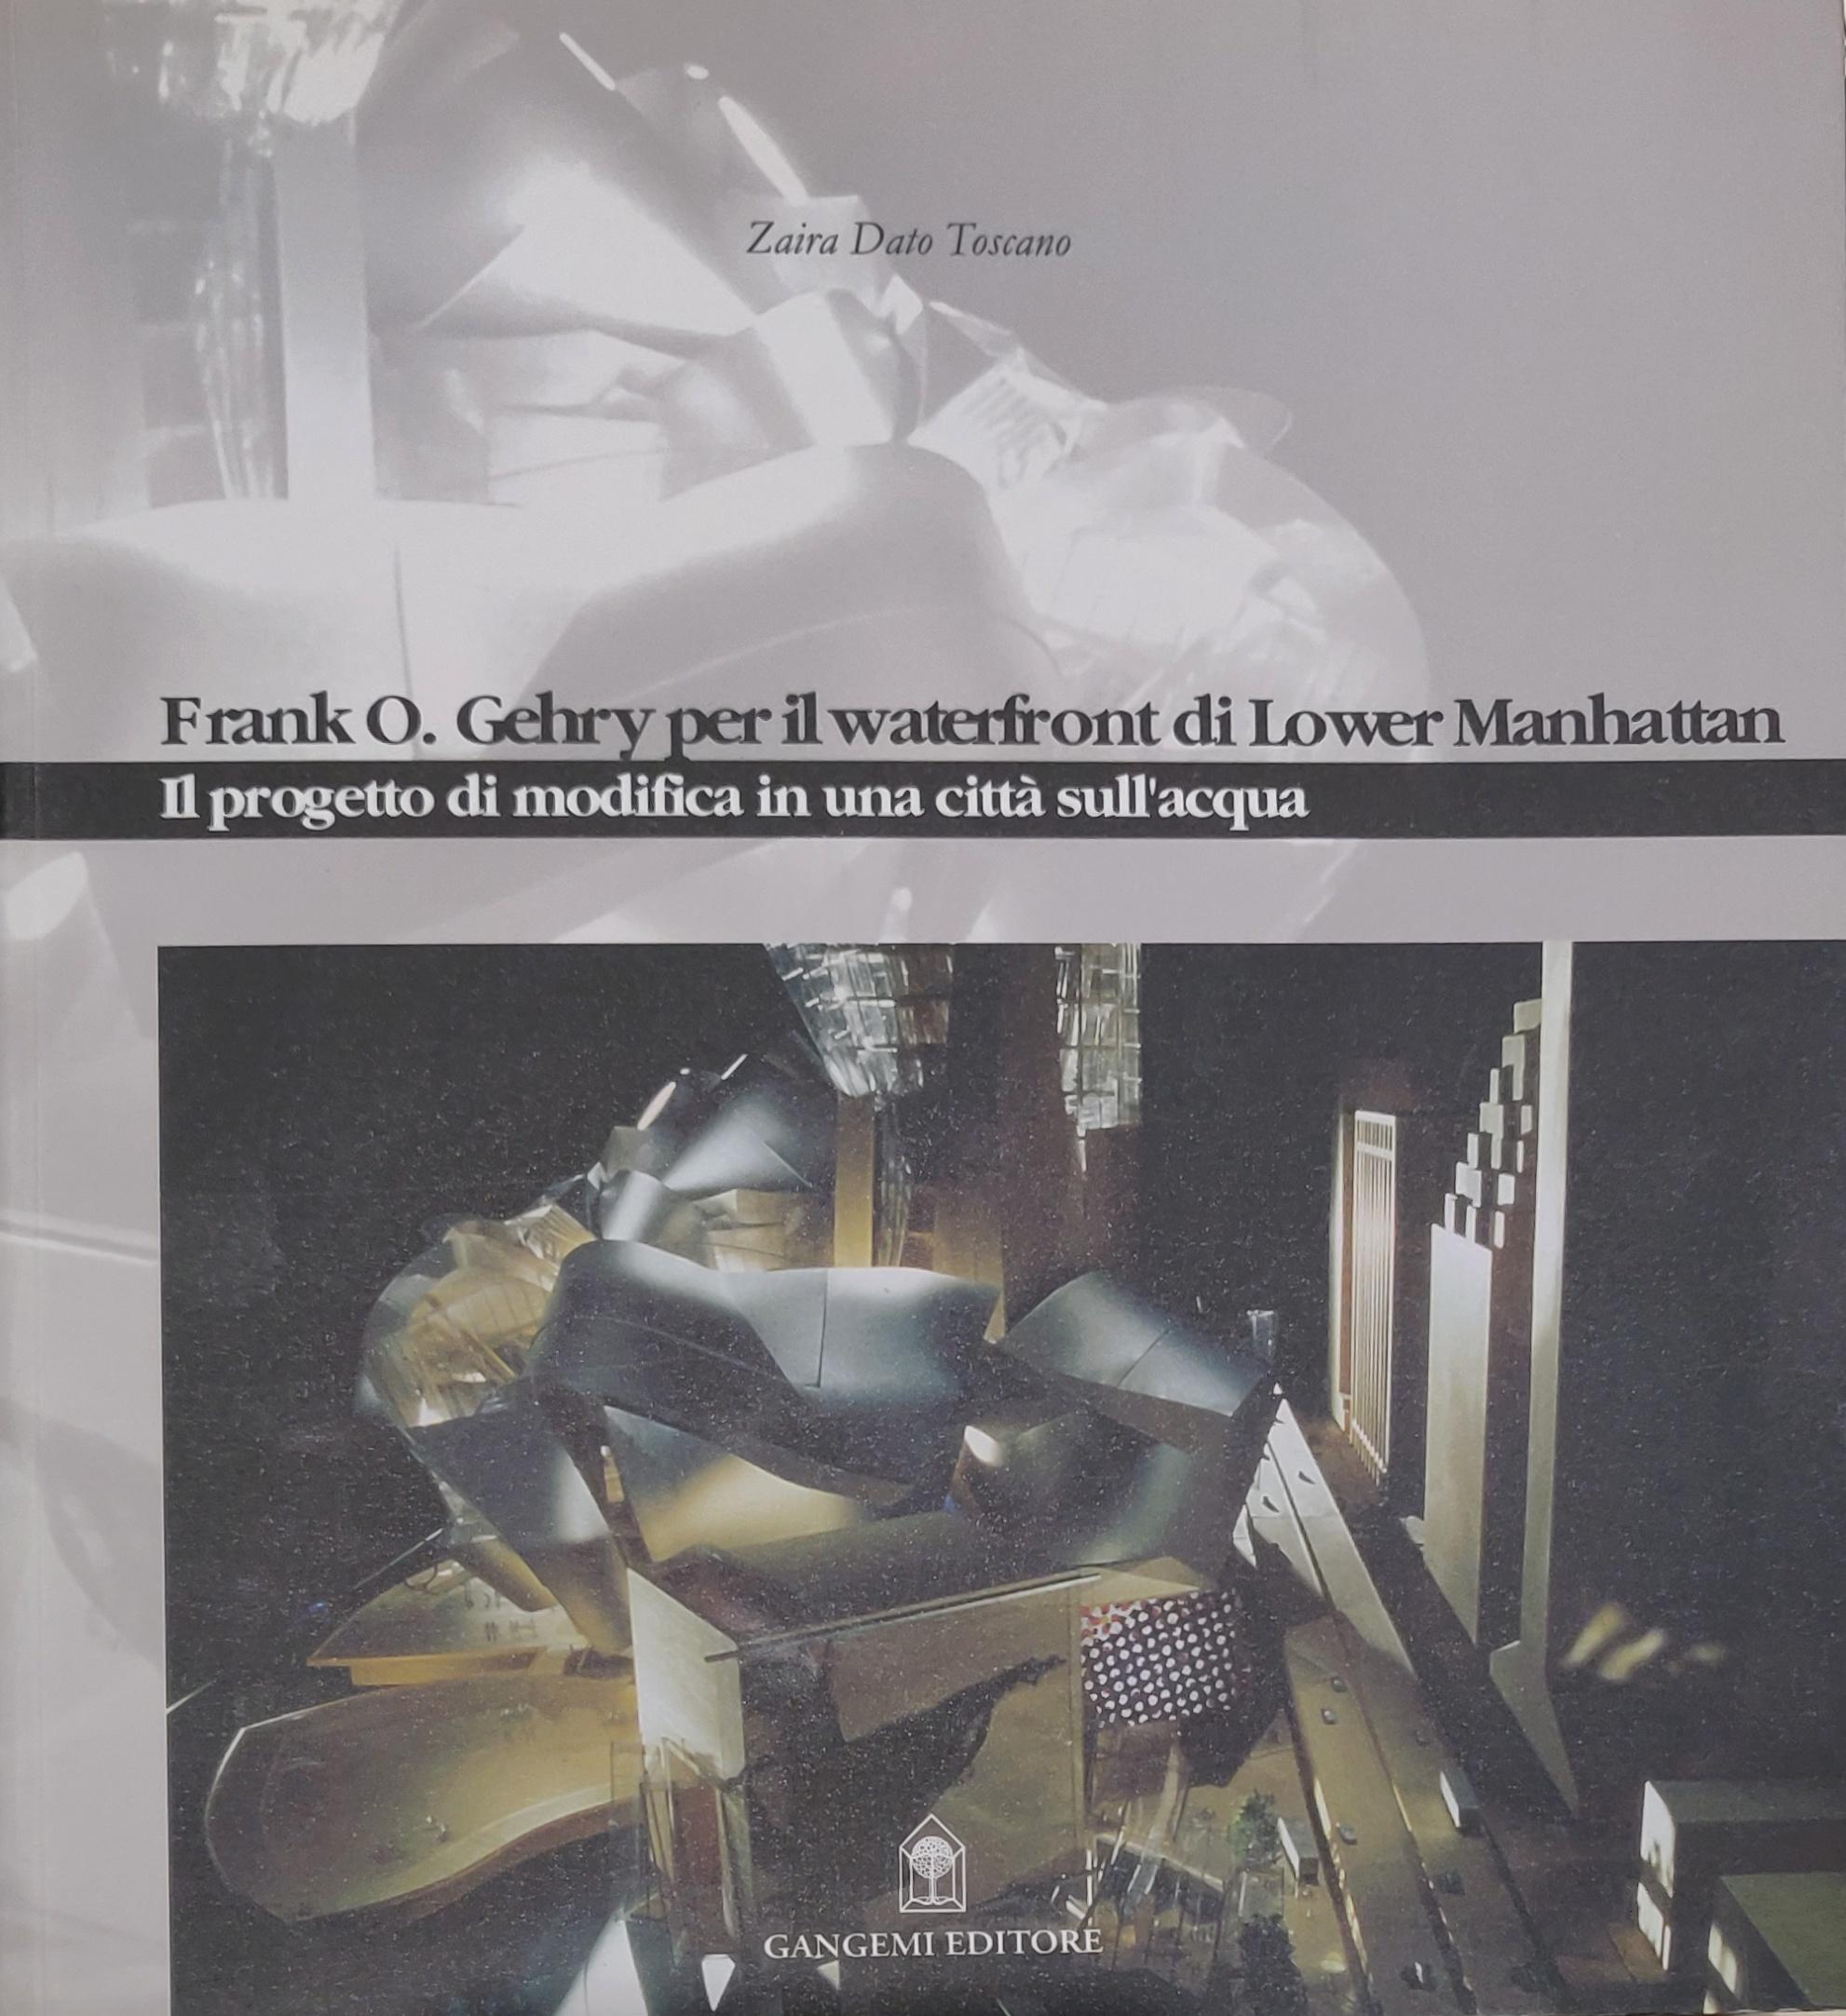 Frank O. Gehry per il waterfront di Lower Manhattan. Il progetto di modifica in una città sull'acqua